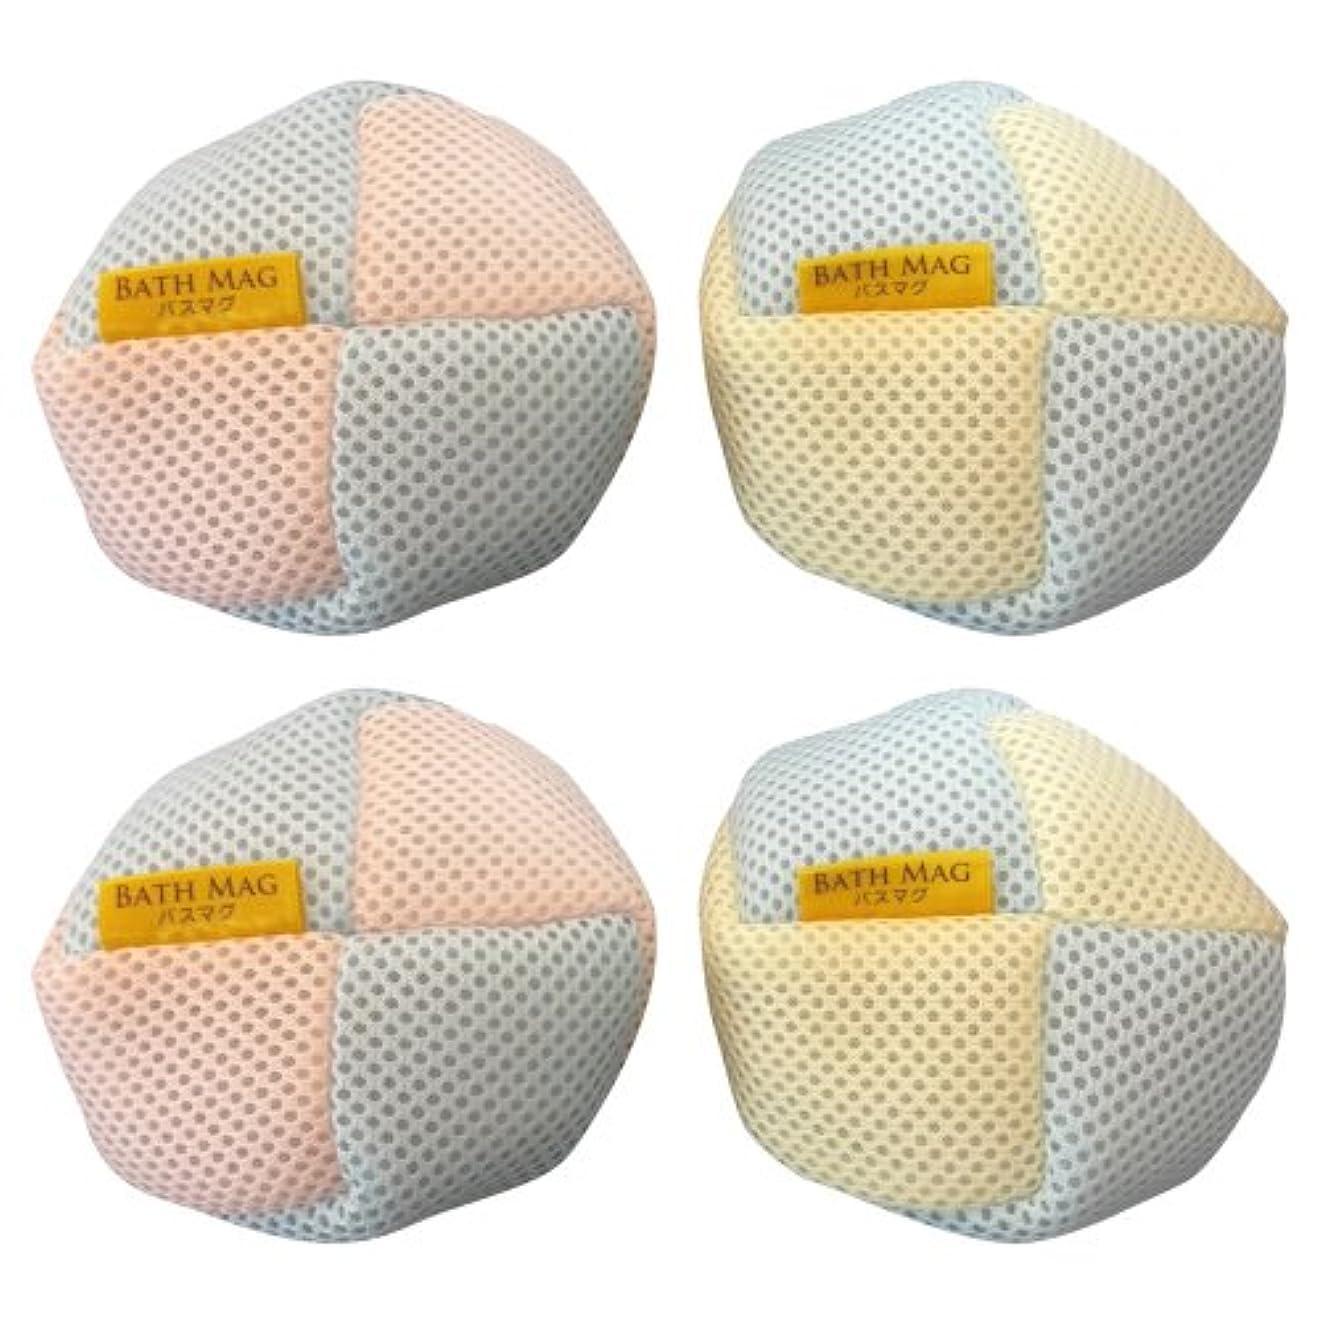 高さ着替える黒BATH MAG マグネシウムde水素浴(バスマグ)2個入り×2箱セット(計4個)